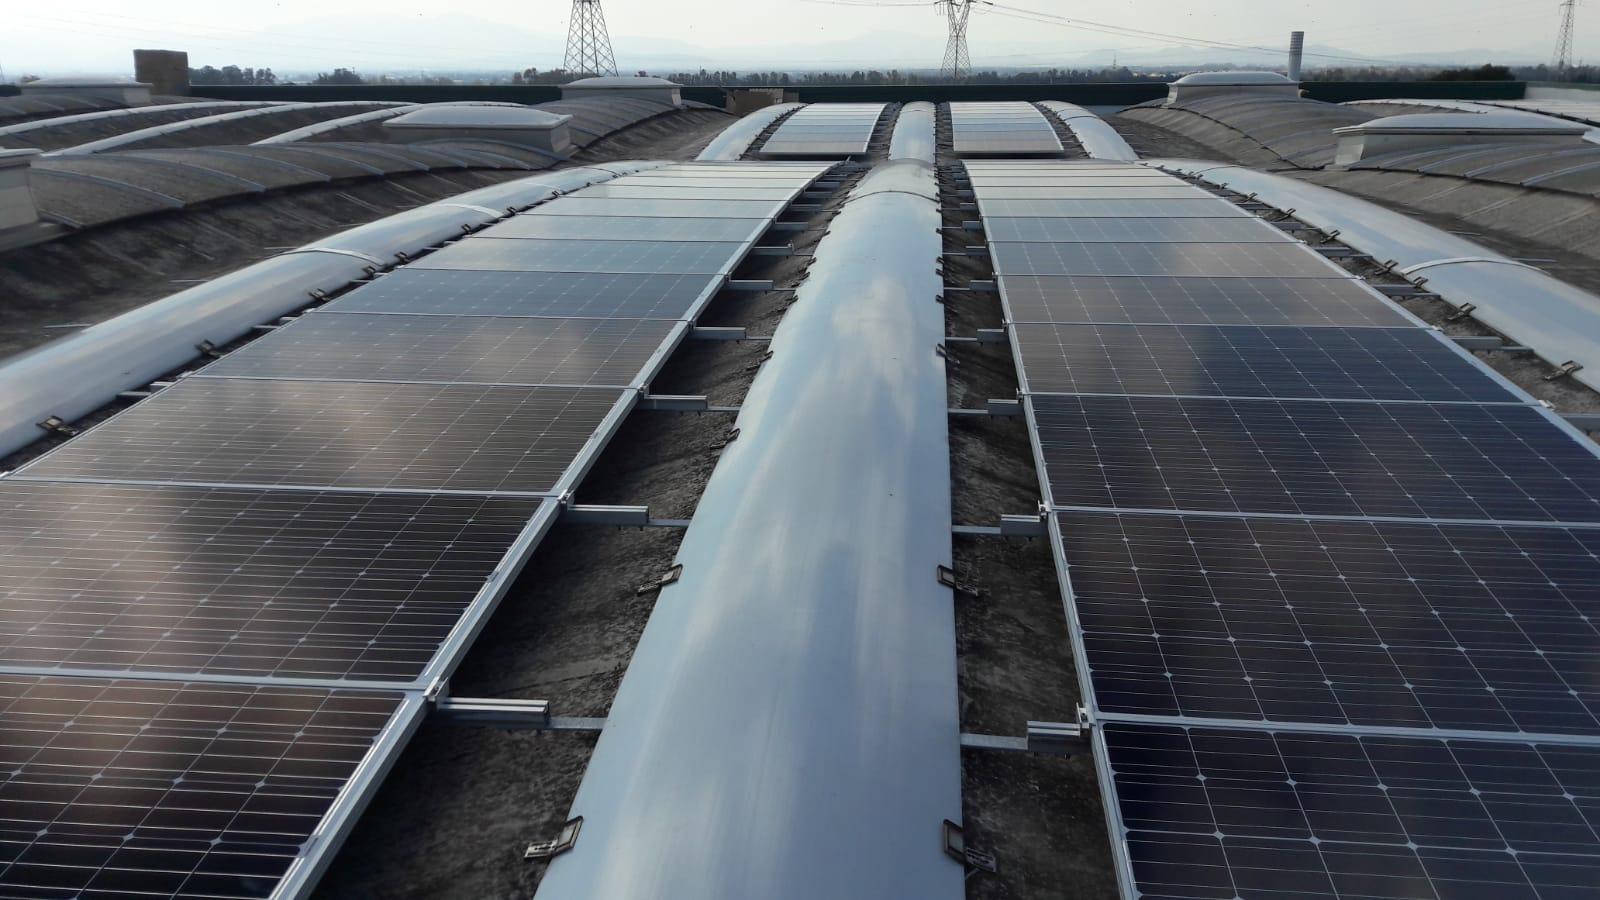 Il fotovoltaico su tetto più grande realizzato in Sardegna nel 2019